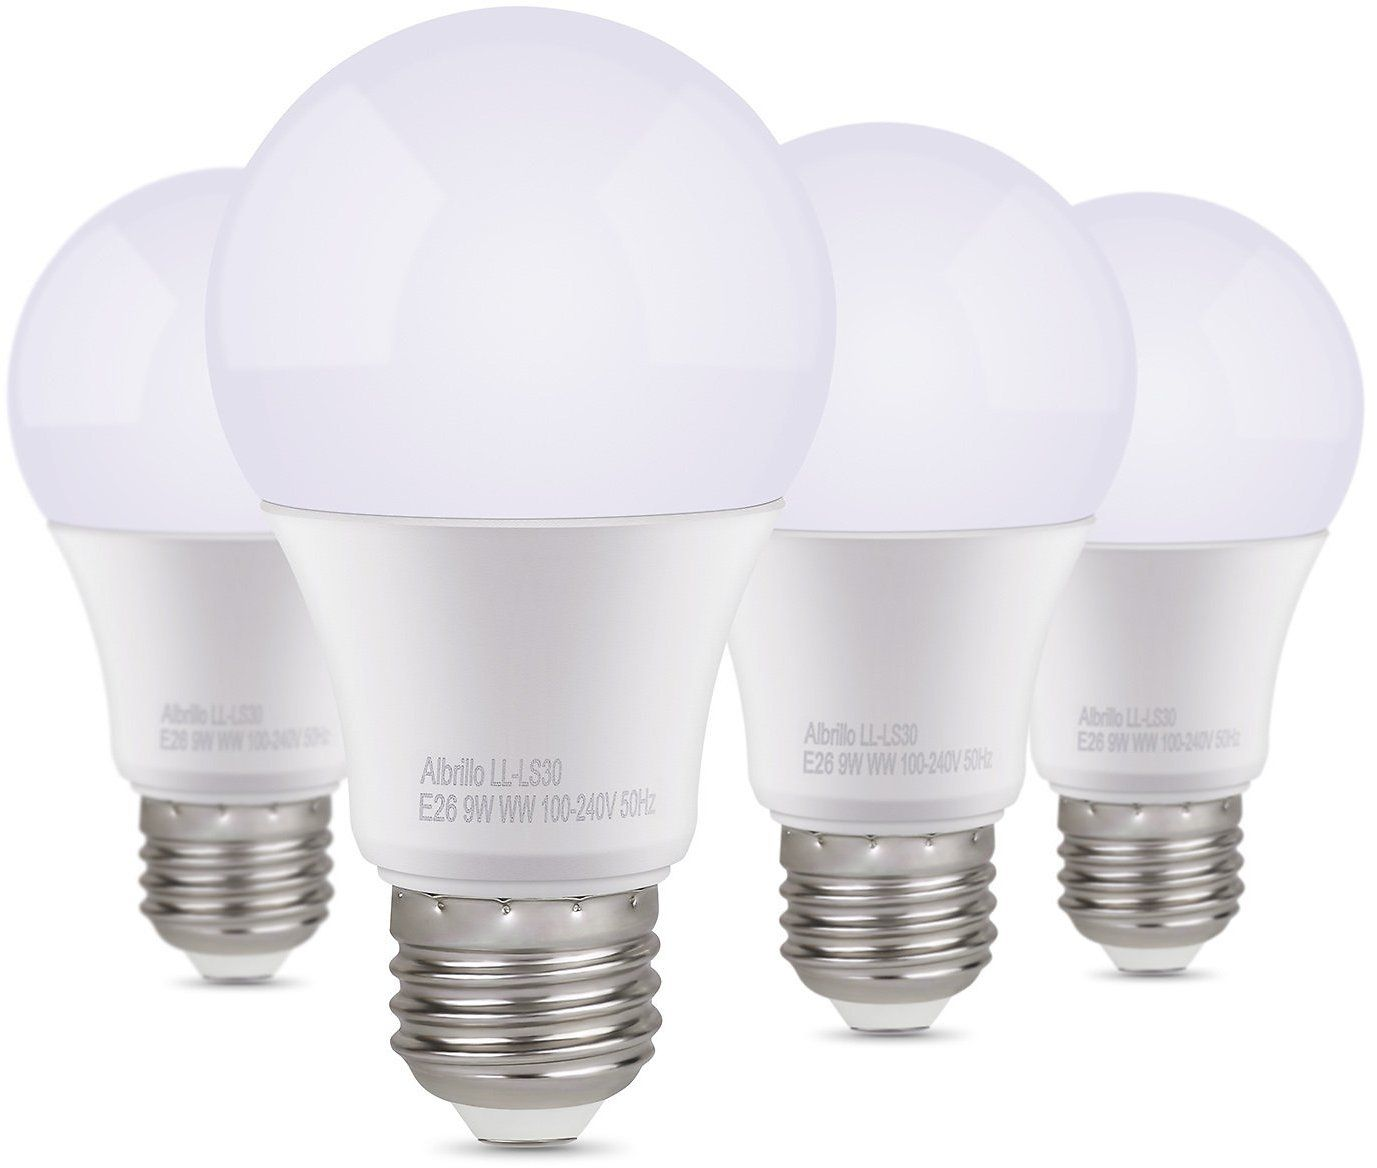 14 99 For Albrillo 60 Watt Equivalent 9w E26 Led Bulbs 4 Pack Daylight Bulb 60 Watt Light Bulb Led